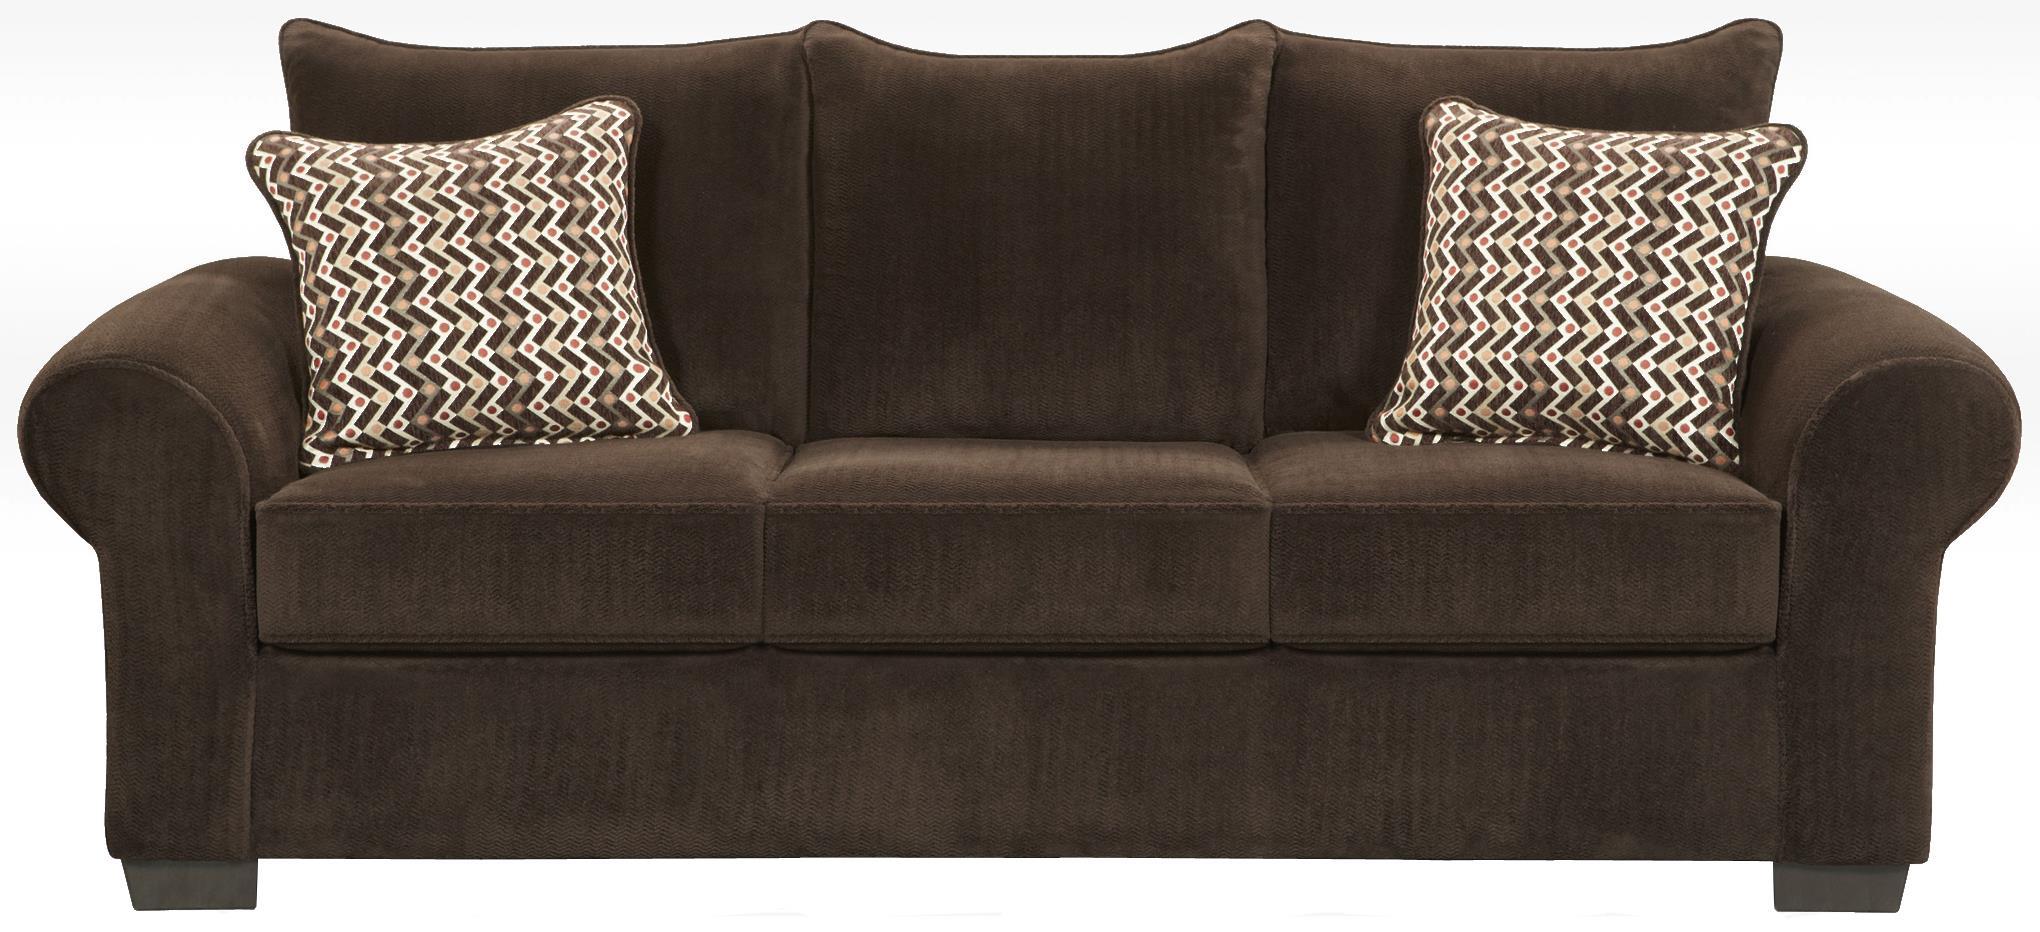 Affordable Furniture 7300 Sofa - Item Number: 7303 Chevron Mink